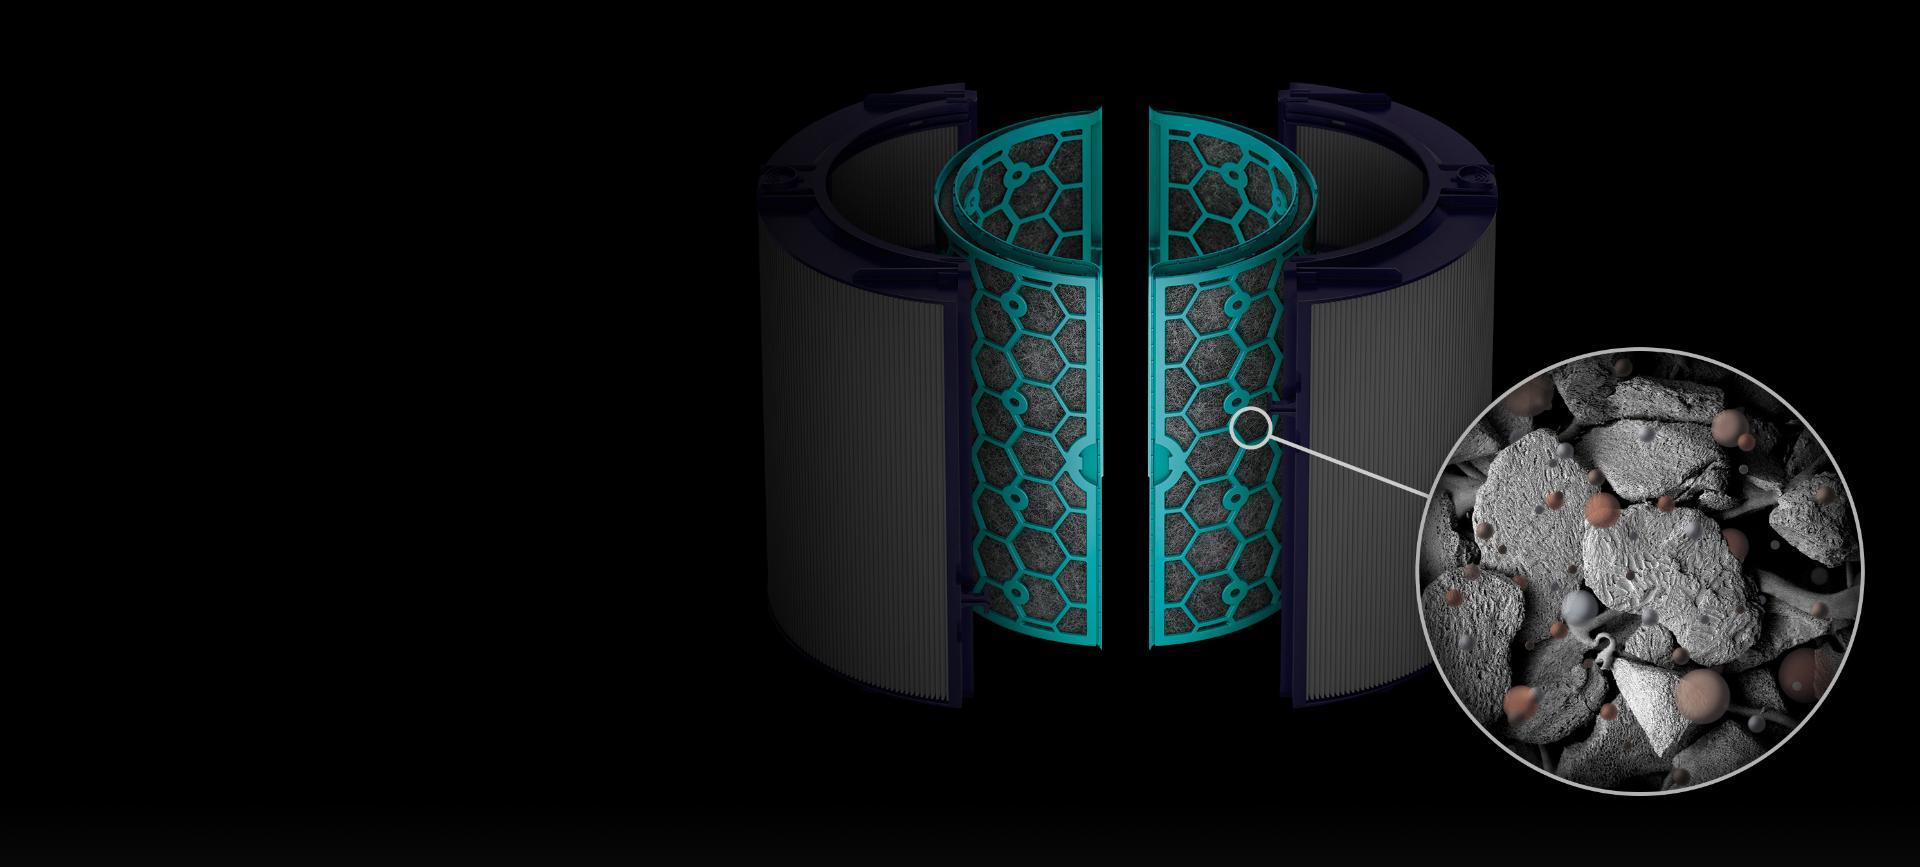 ภาพซูมเม็ดคาร์บอนเล็กๆ ที่เคลือบด้วย TRIS